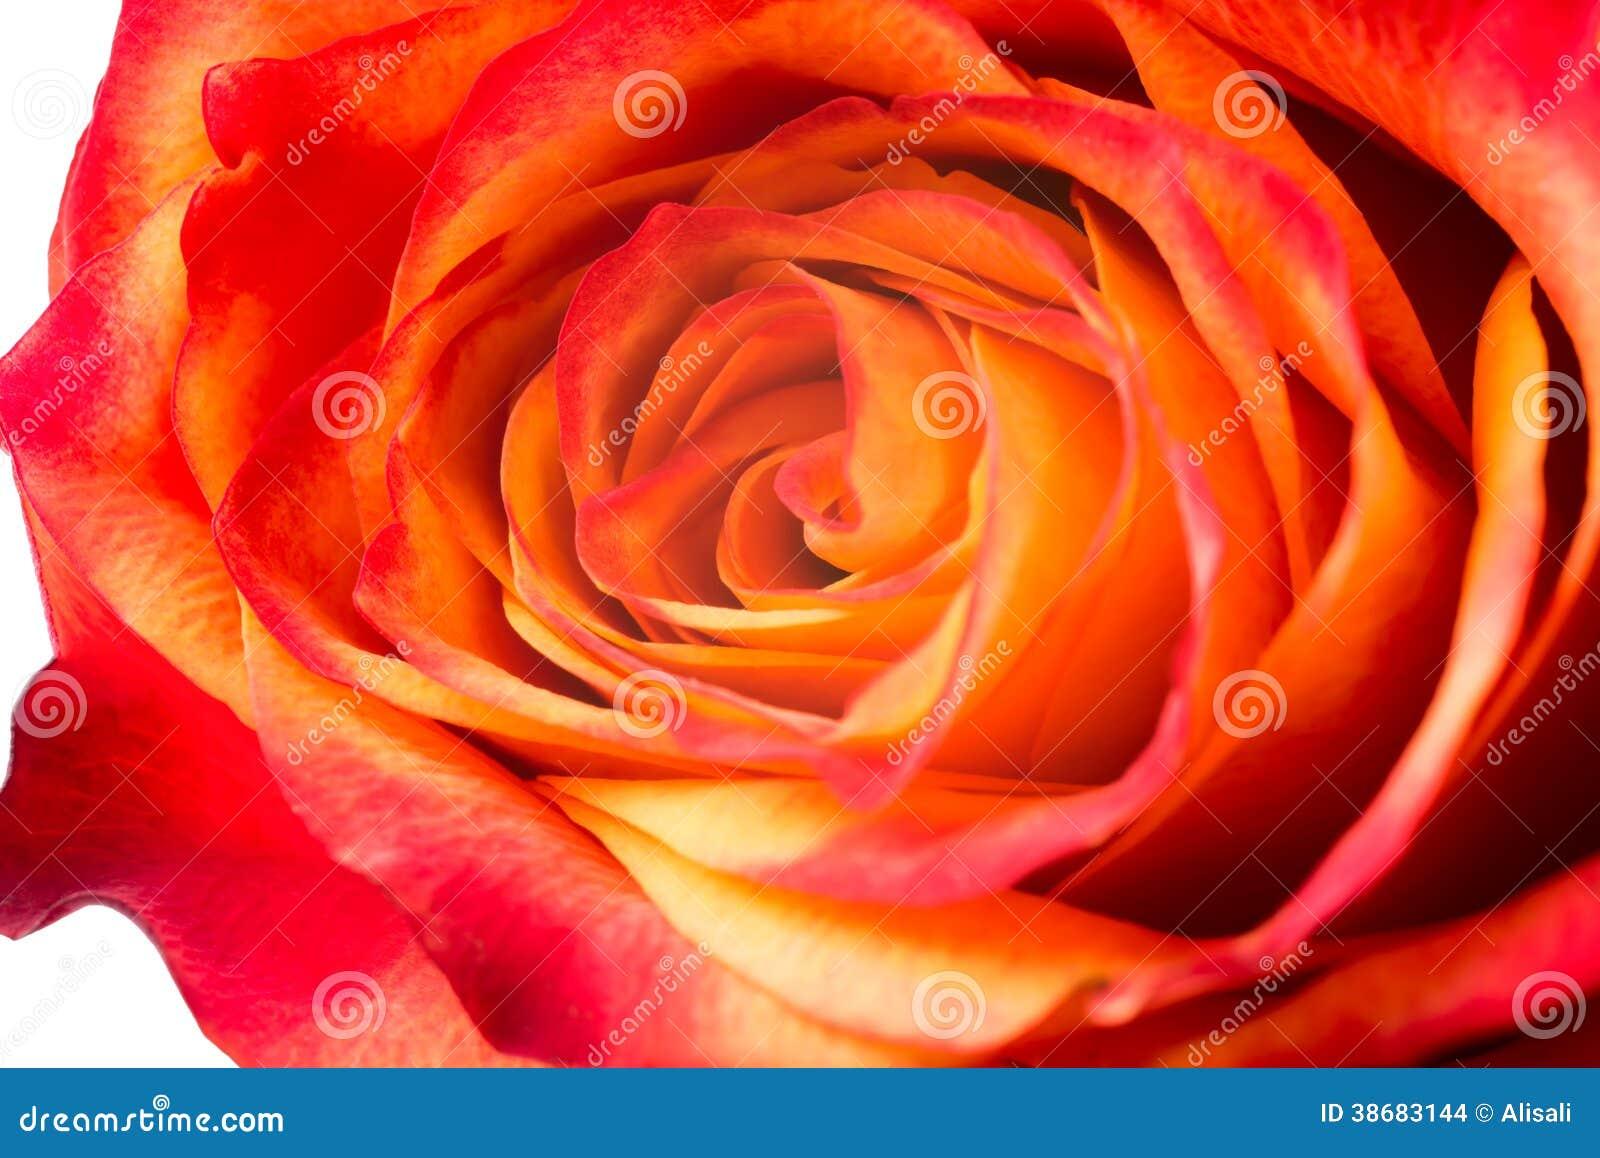 Rosa Da Laranja é Isolada No Fundo Branco Imagens de Stock Imagem  #C94A02 1300x958 Banheiro Branco E Laranja